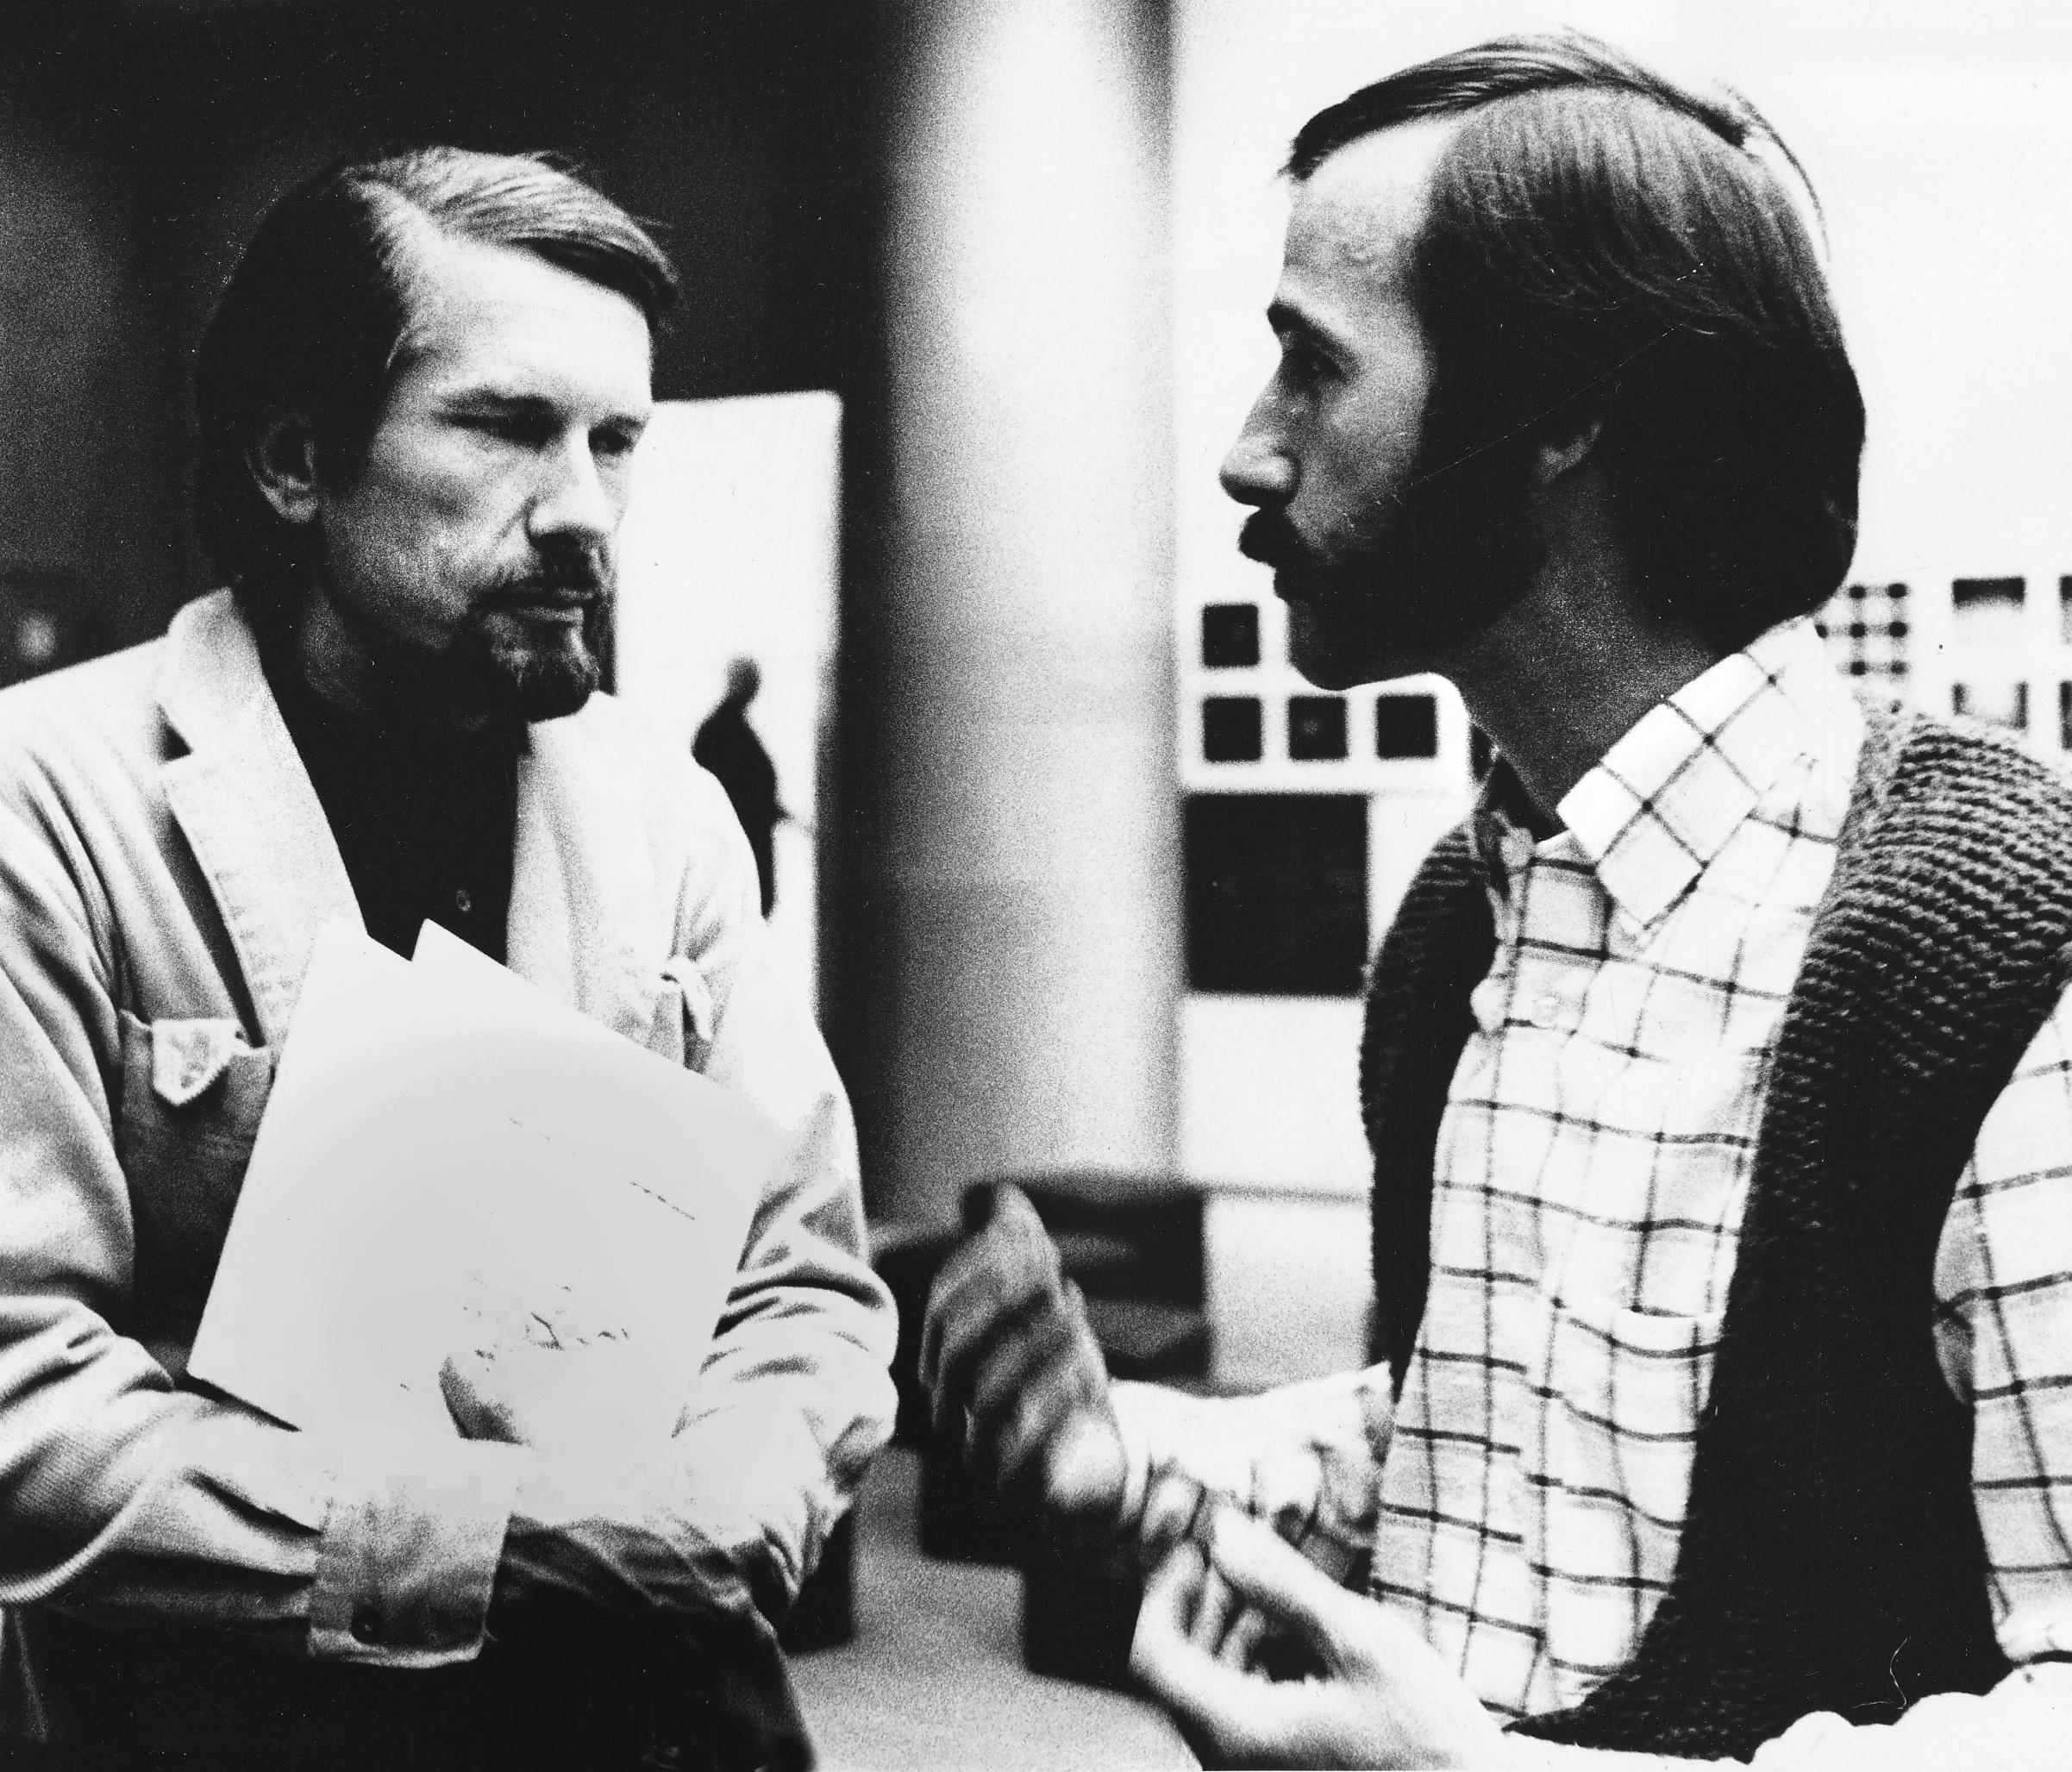 Herbert W. Franke (l.) and Gottfried Jäger (r.) at the exhibition  Wege zur Computerkunst , Kunsthalle Bielefeld, 1971; photograph by Ursel Jäger